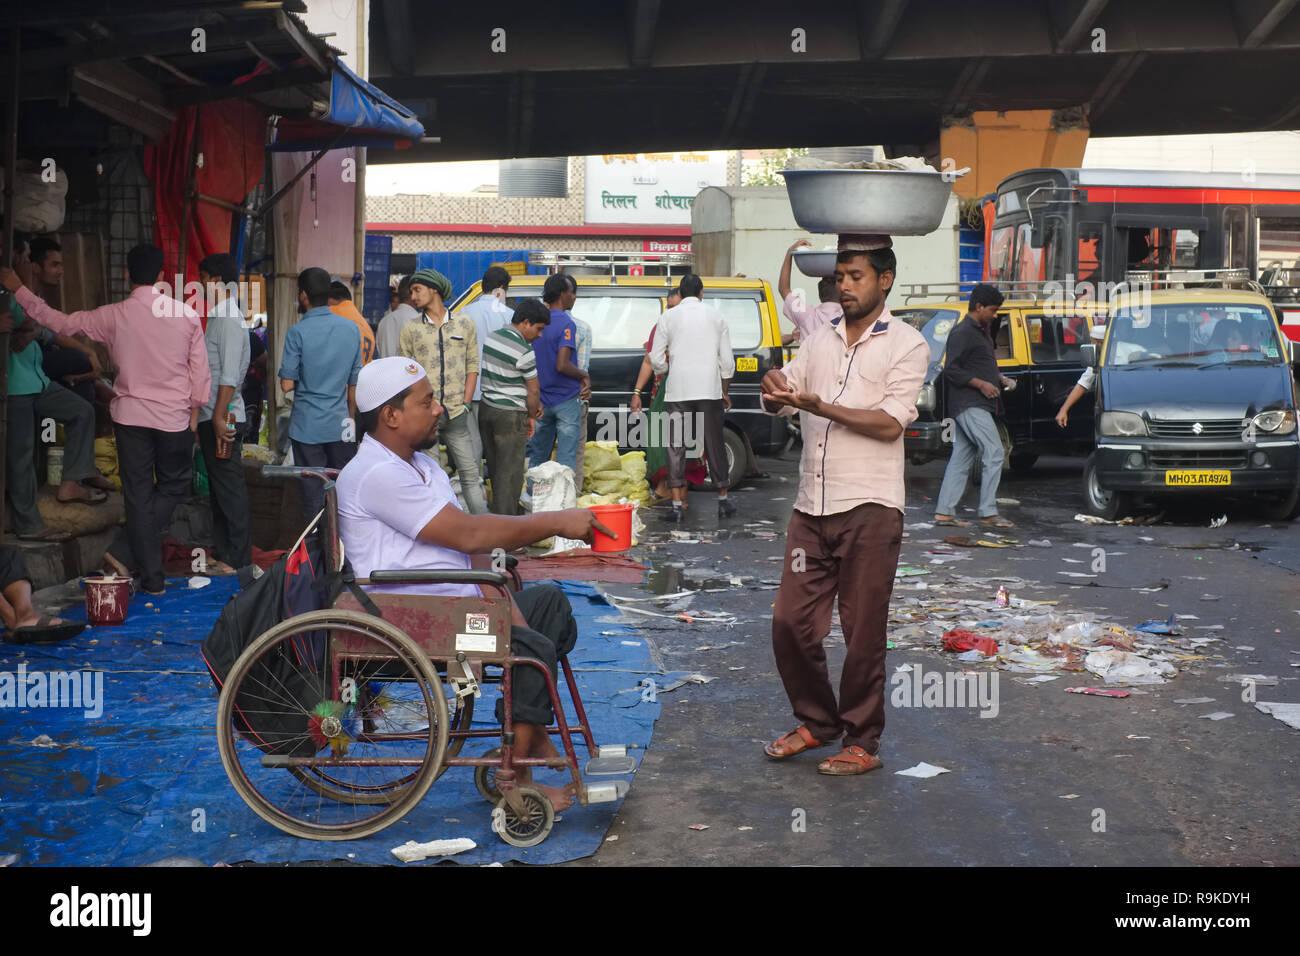 Ein Portier in einem Fischmarkt in Mumbai, Indien, um eine kleine Summe Geld zu einem Bettler hand Stockbild